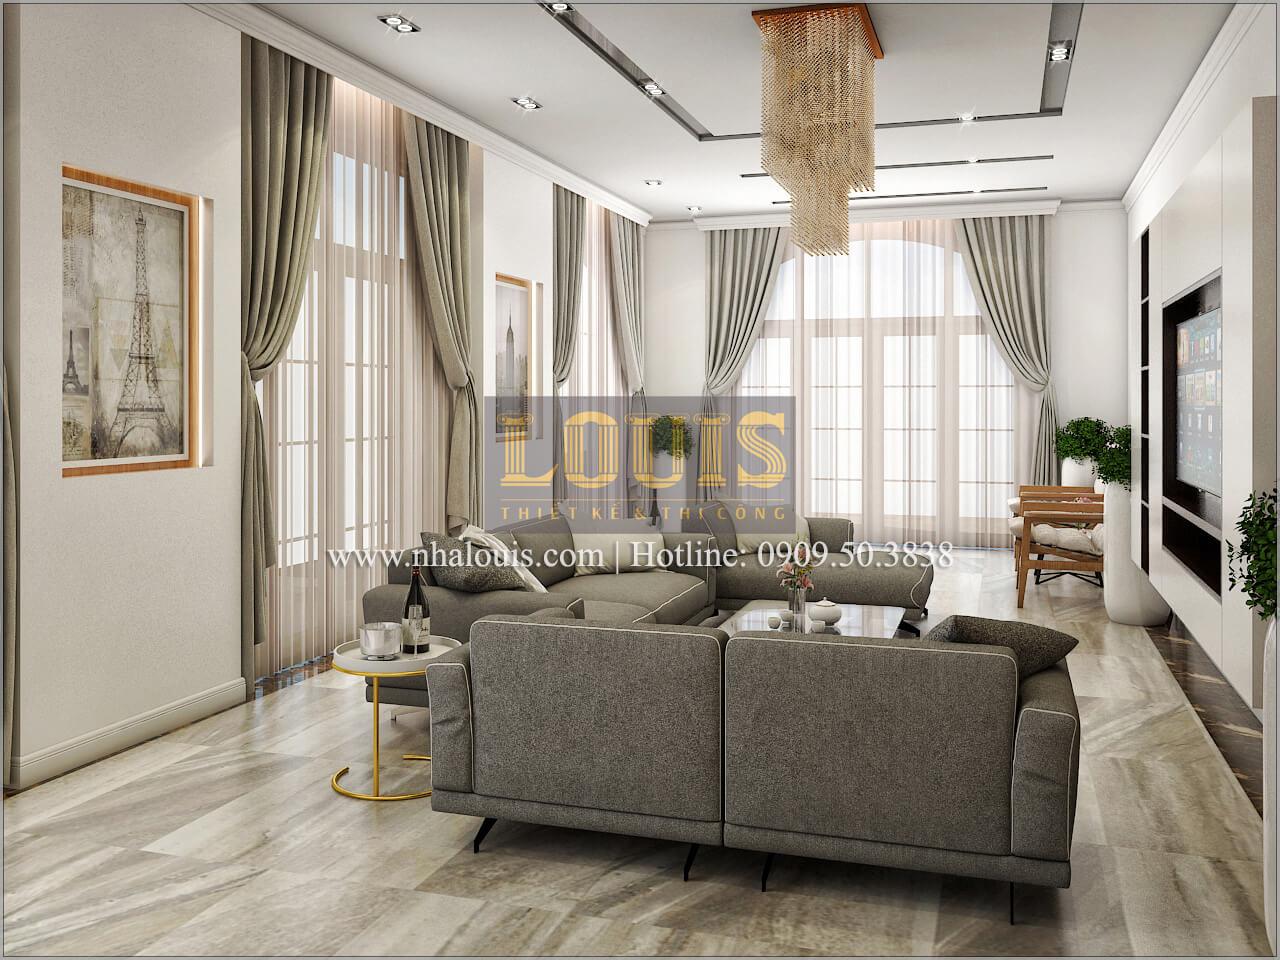 Phòng khách Thiết kế biệt thự phong cách cổ điểnđẹp kết hợp kinh doanh tạiĐồng Nai